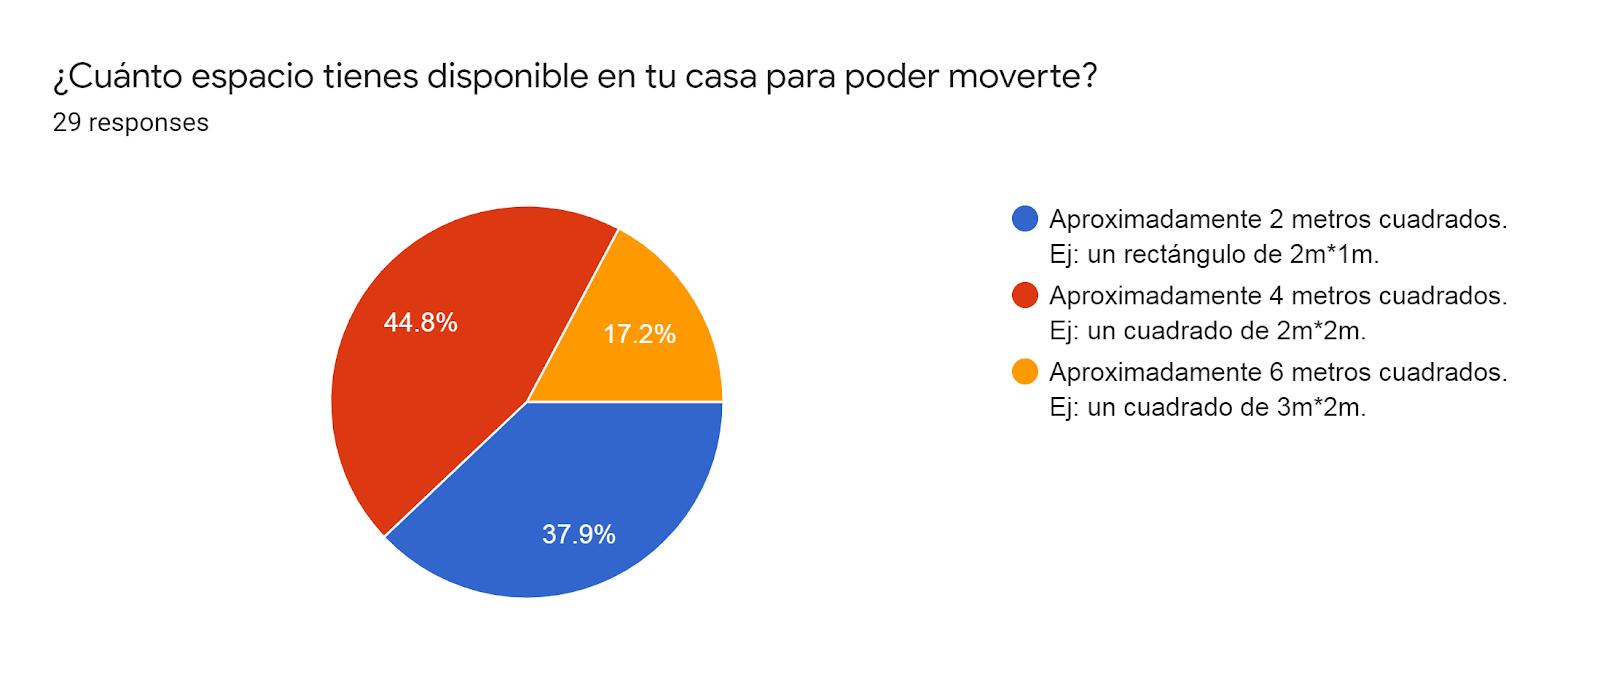 Forms response chart. Question title: ¿Cuánto espacio tienes disponible en tu casa para poder moverte?. Number of responses: 29 responses.